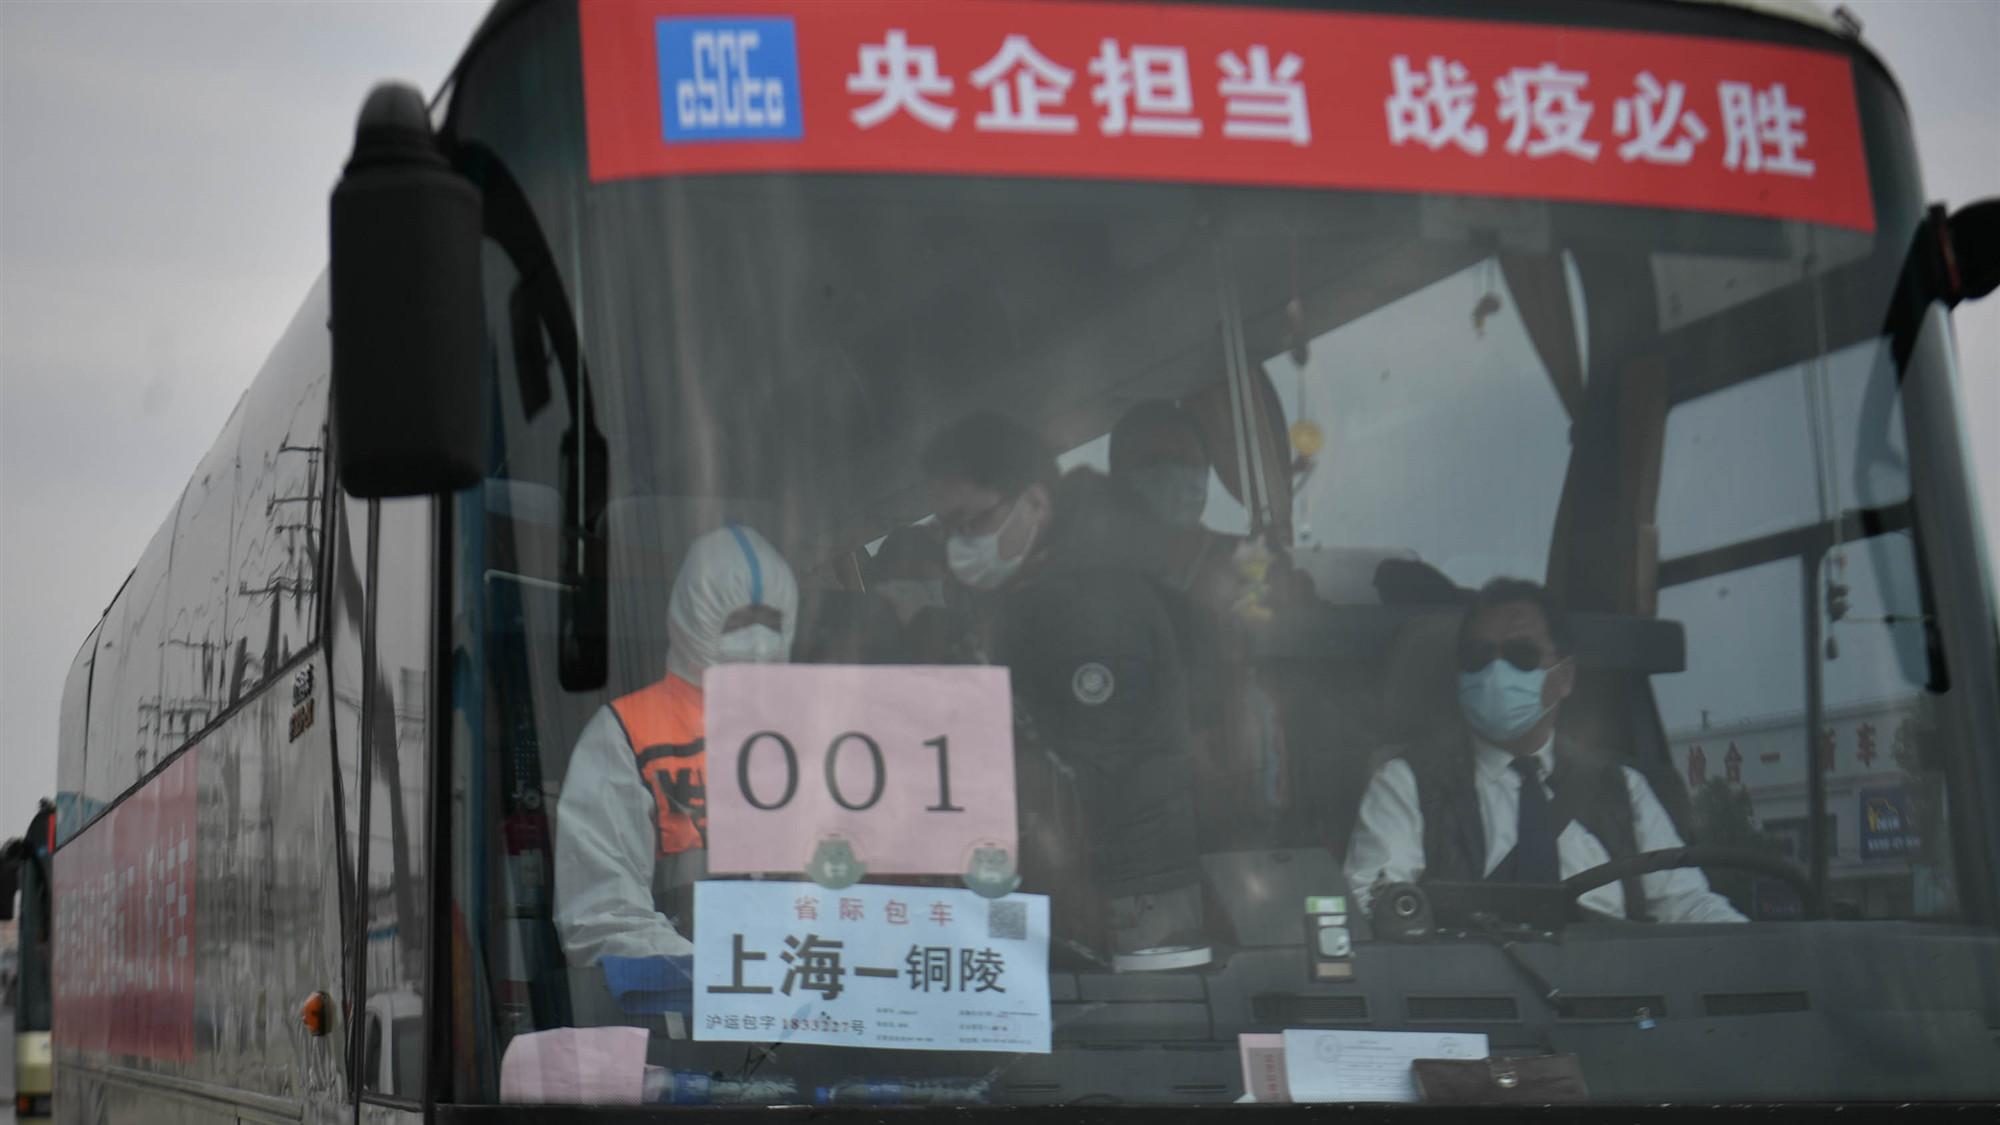 视频 | 上海首例!包车从安徽接回轨交建设工人,来看现场画面